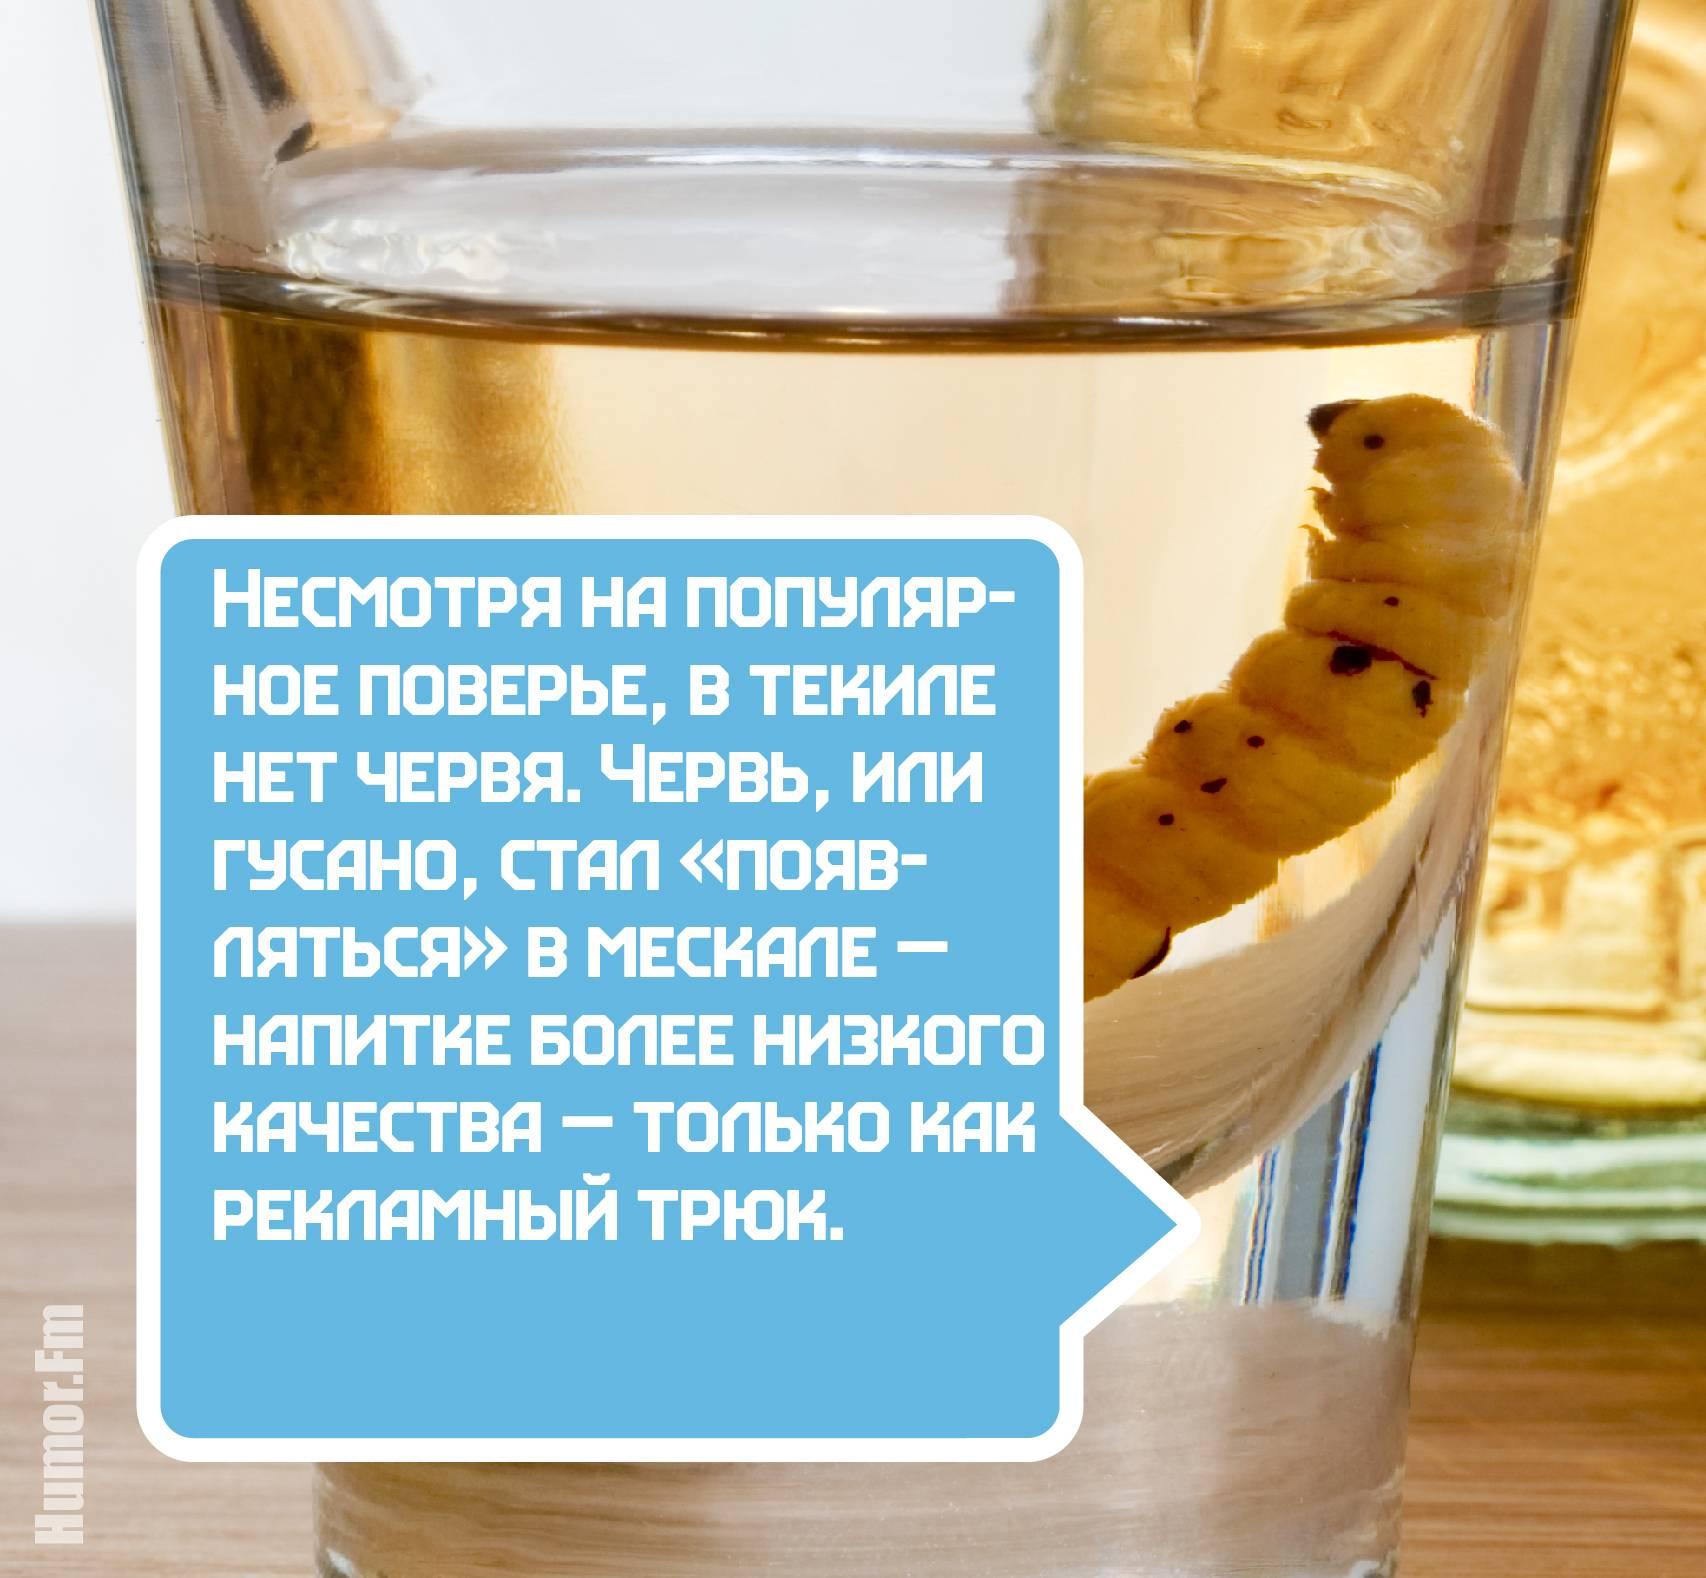 100 различныхфактов об алкоголе